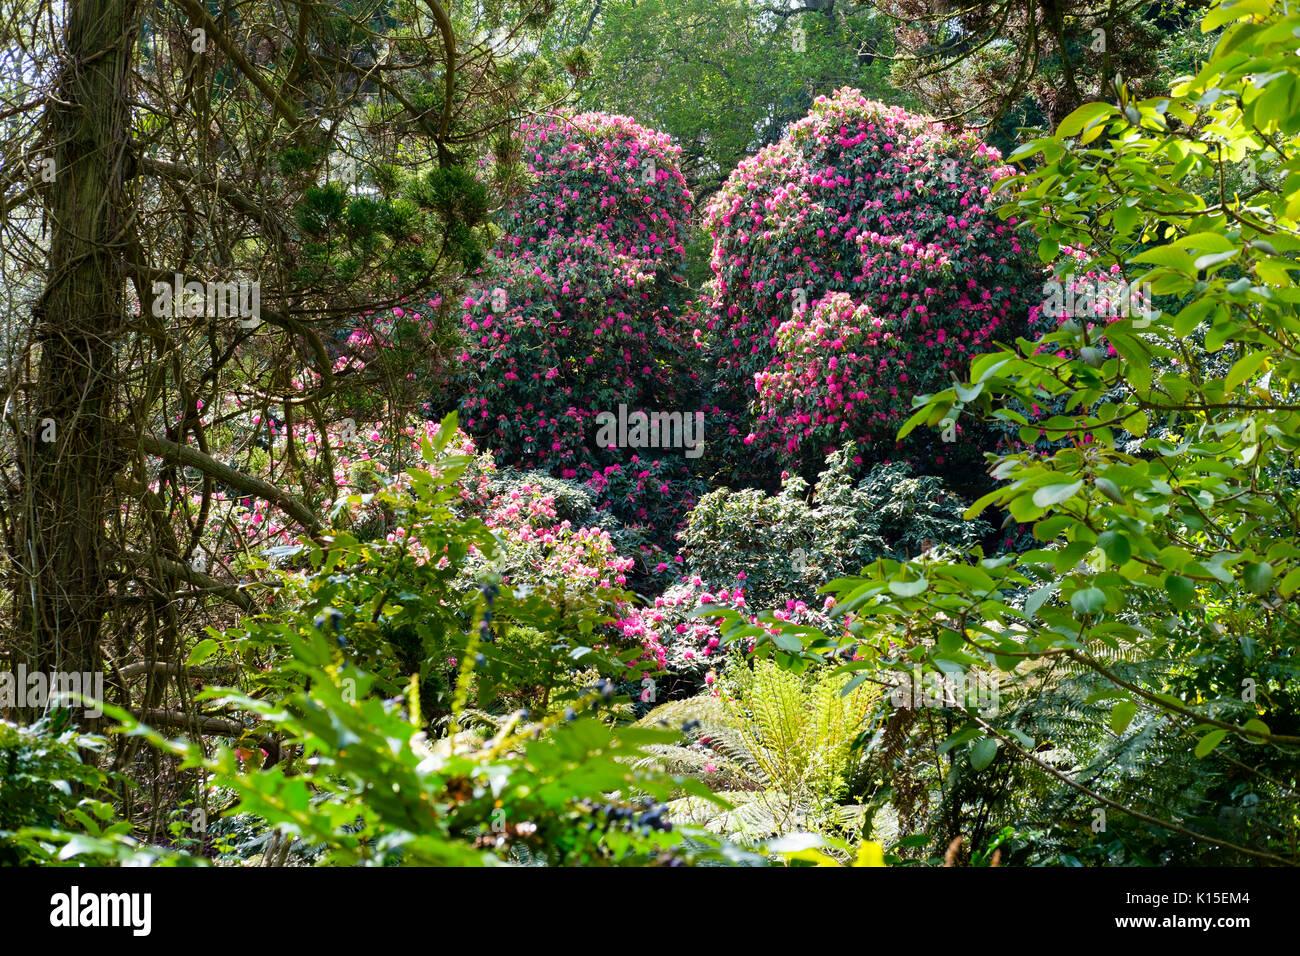 Blühende Rhododendron, Dschungel, die Verlorenen Gärten von Heligan, in der Nähe von St Austell, Cornwall, England, Vereinigtes Königreich Stockbild